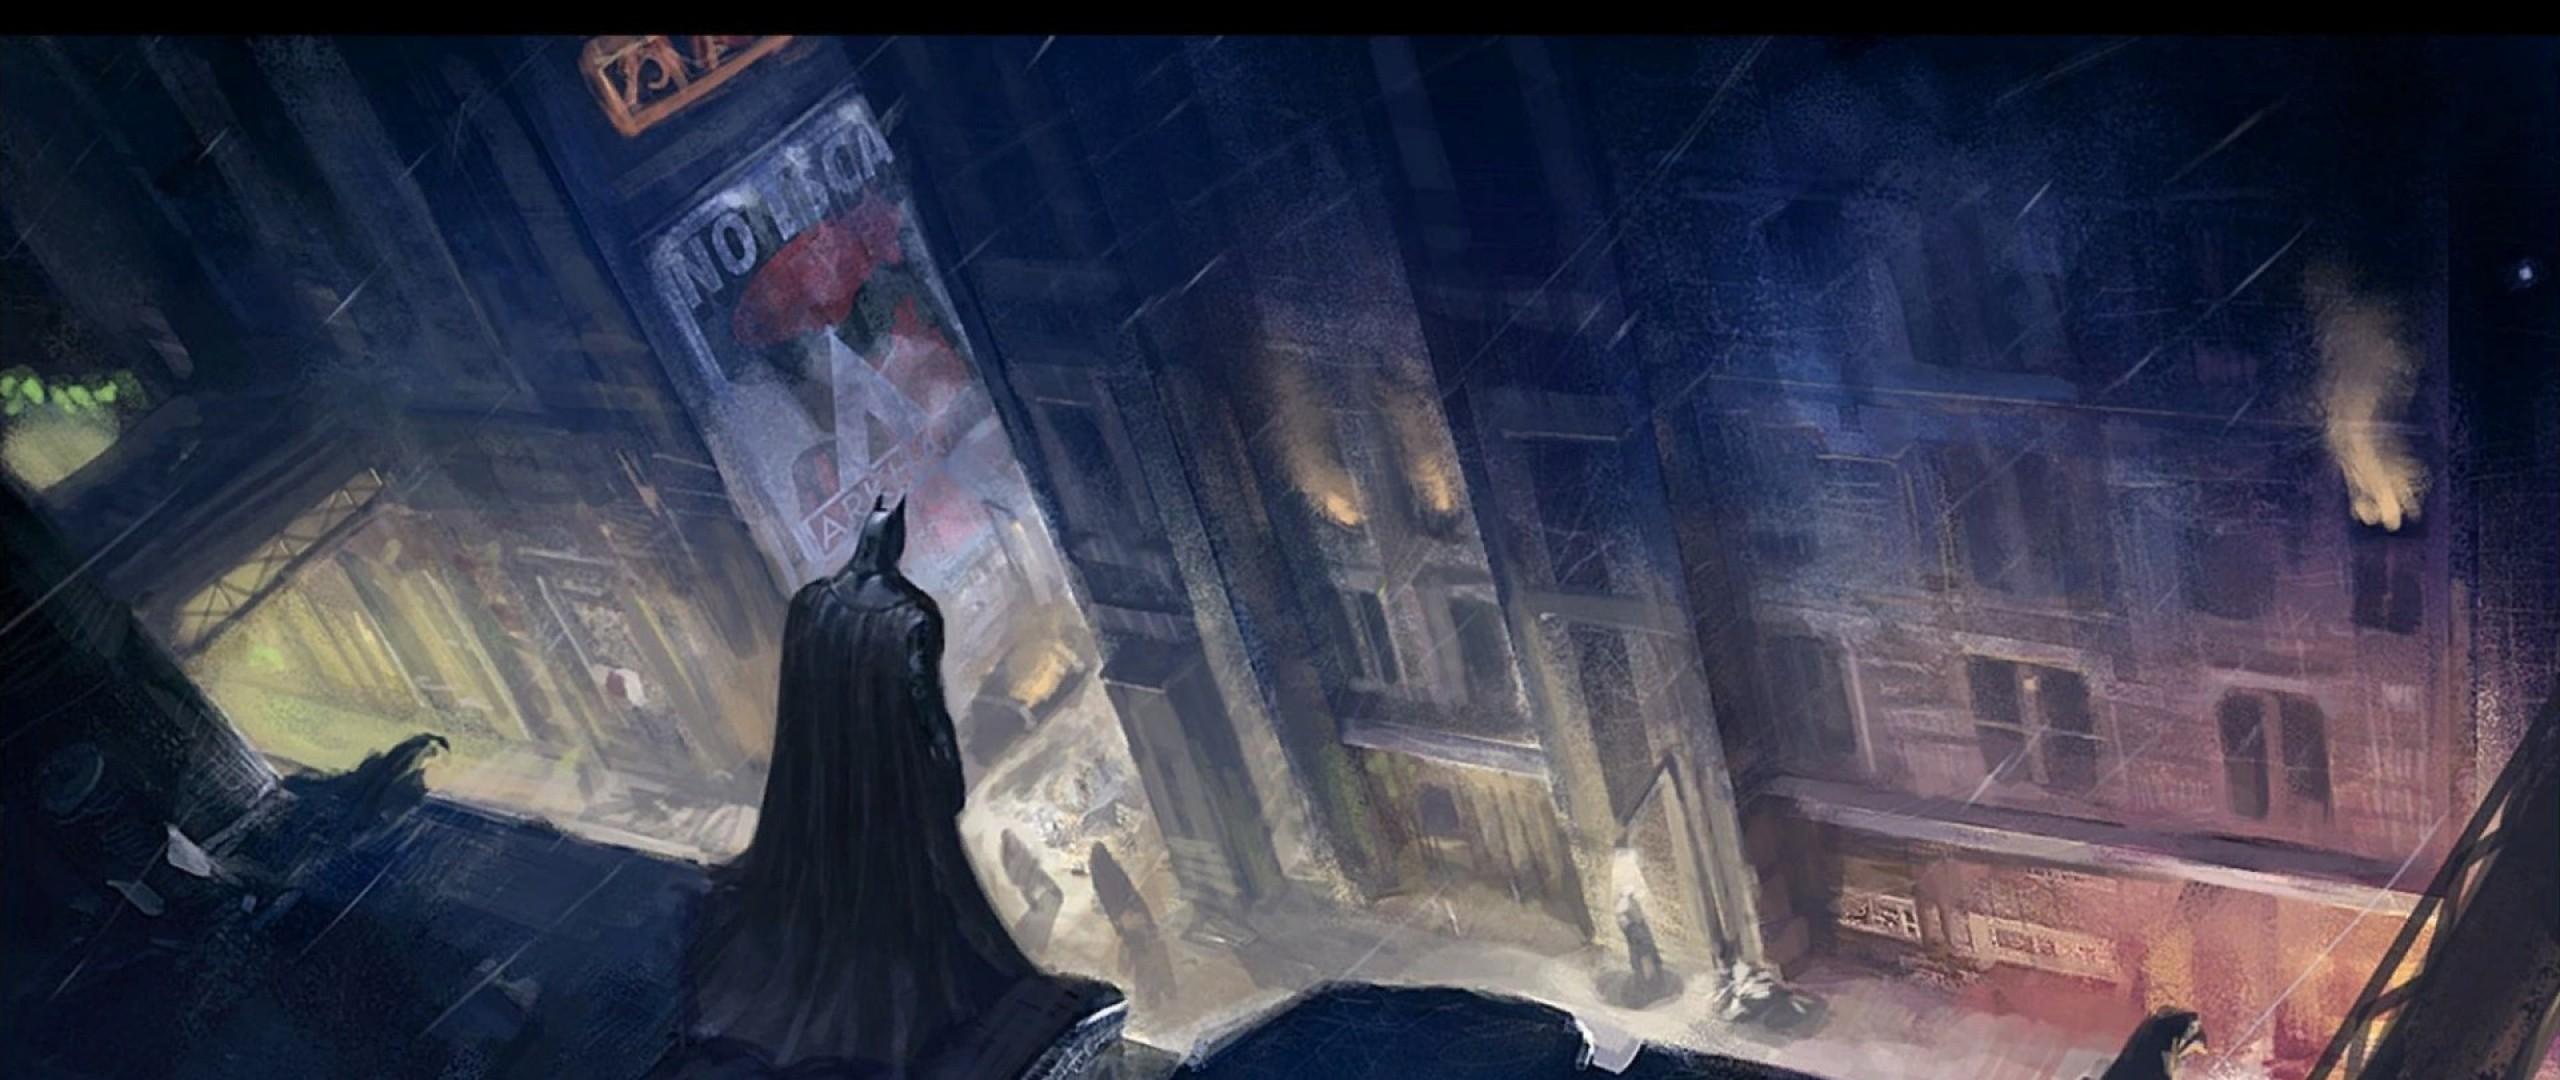 2560x1080 Playerunknowns Battlegrounds 2017 Game 2560x1080: Wallpaper : Batman, Midnight, Darkness, Screenshot